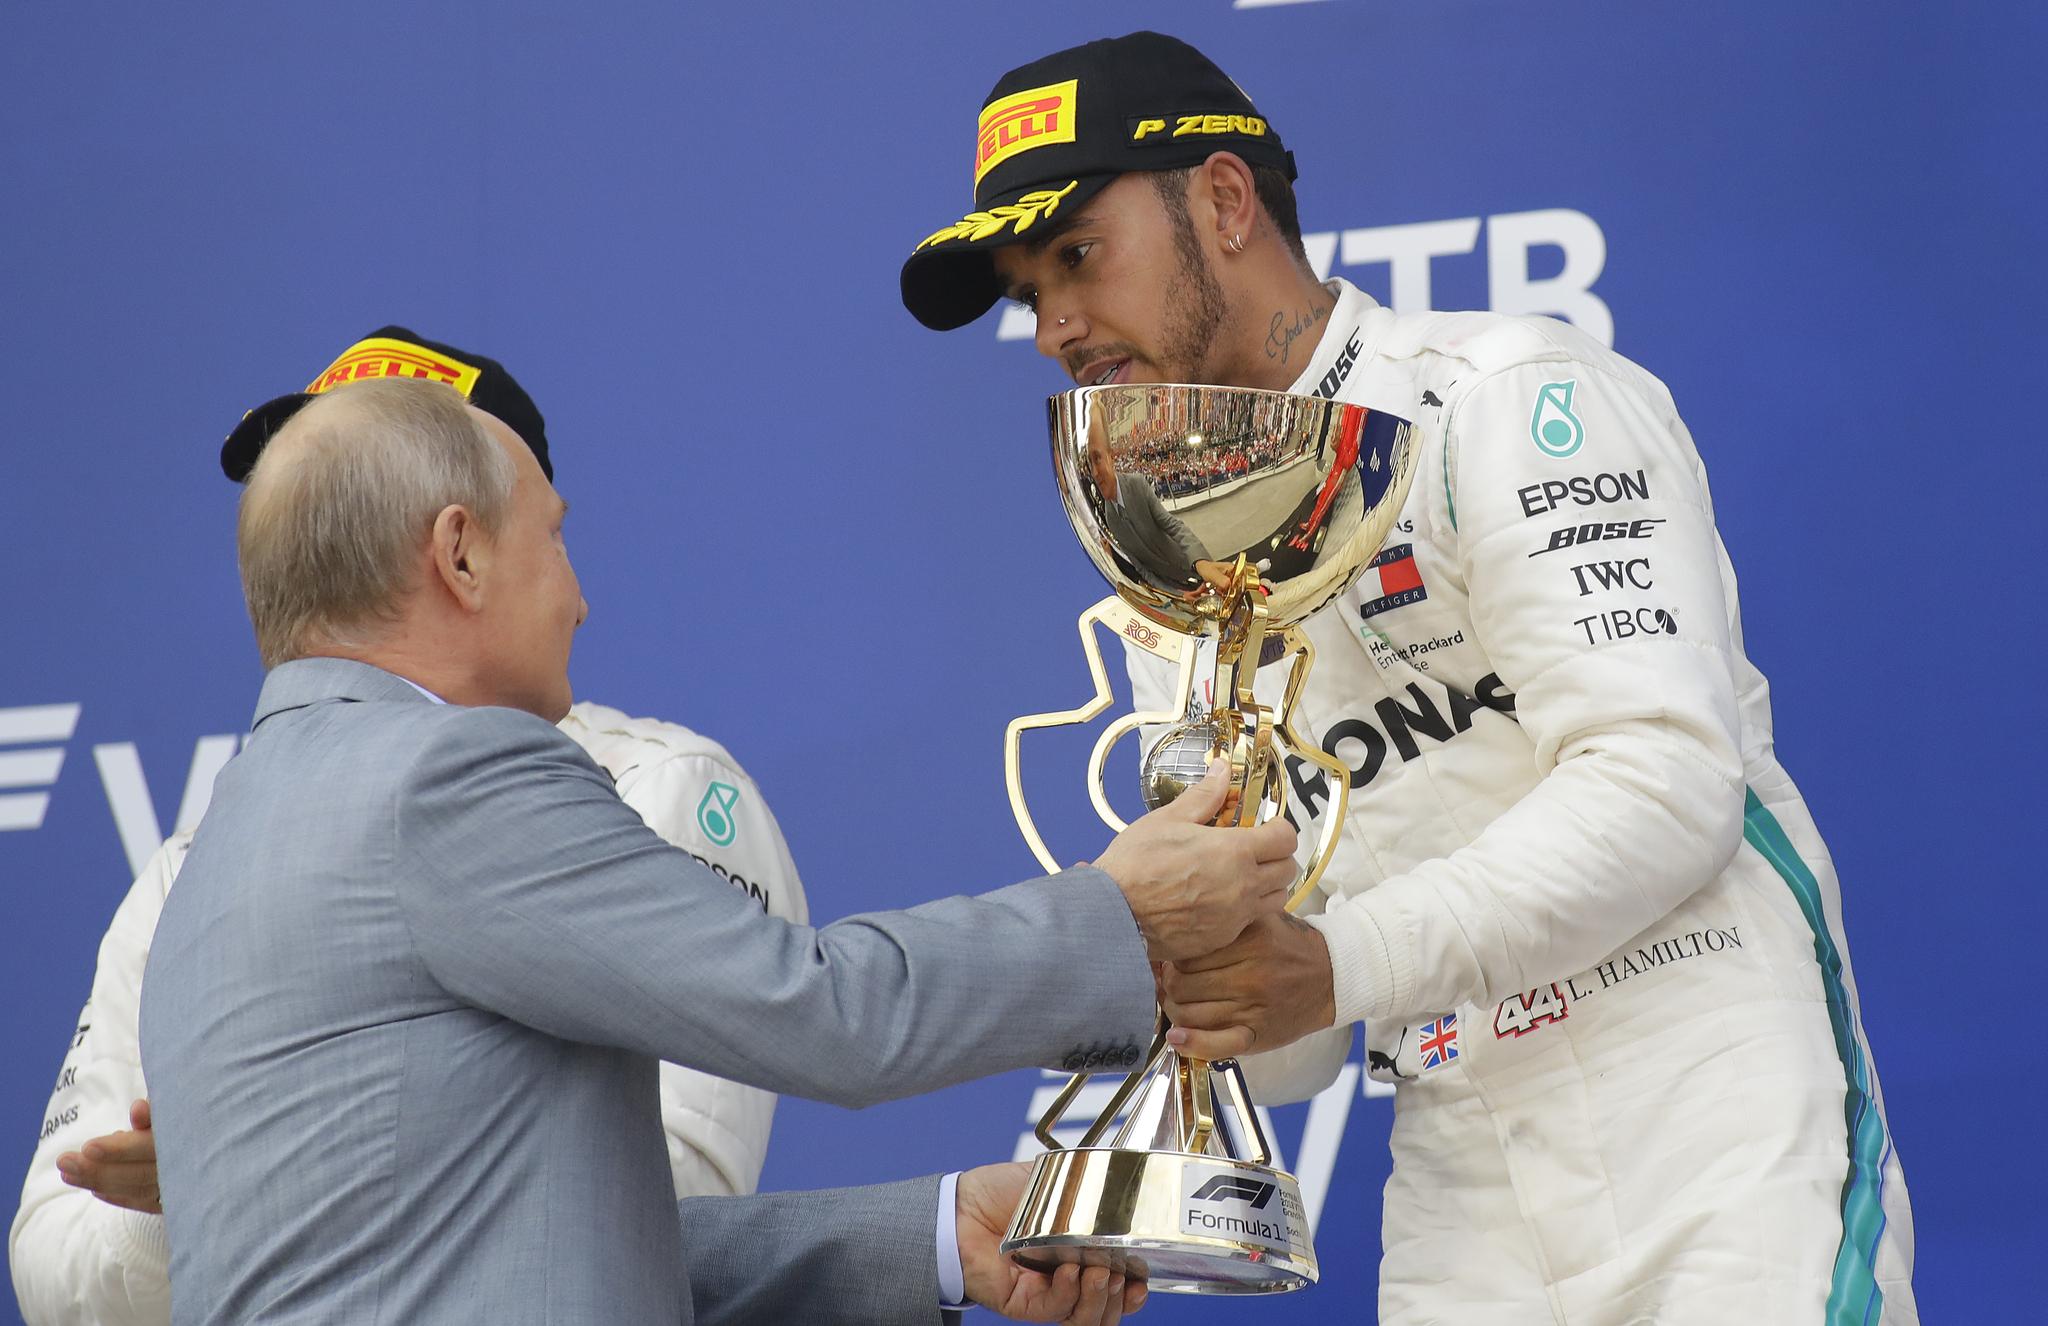 블라디미르 푸틴 대통령이 지난 30일(현지시간) 러시아 소치에서 열린 러시아 F1 그랑프리에 참석해 우승자인 메르세데스 드라이버 Lewis Hamilton에게 트라피를 전달하고 있다. [AP=연합뉴스]